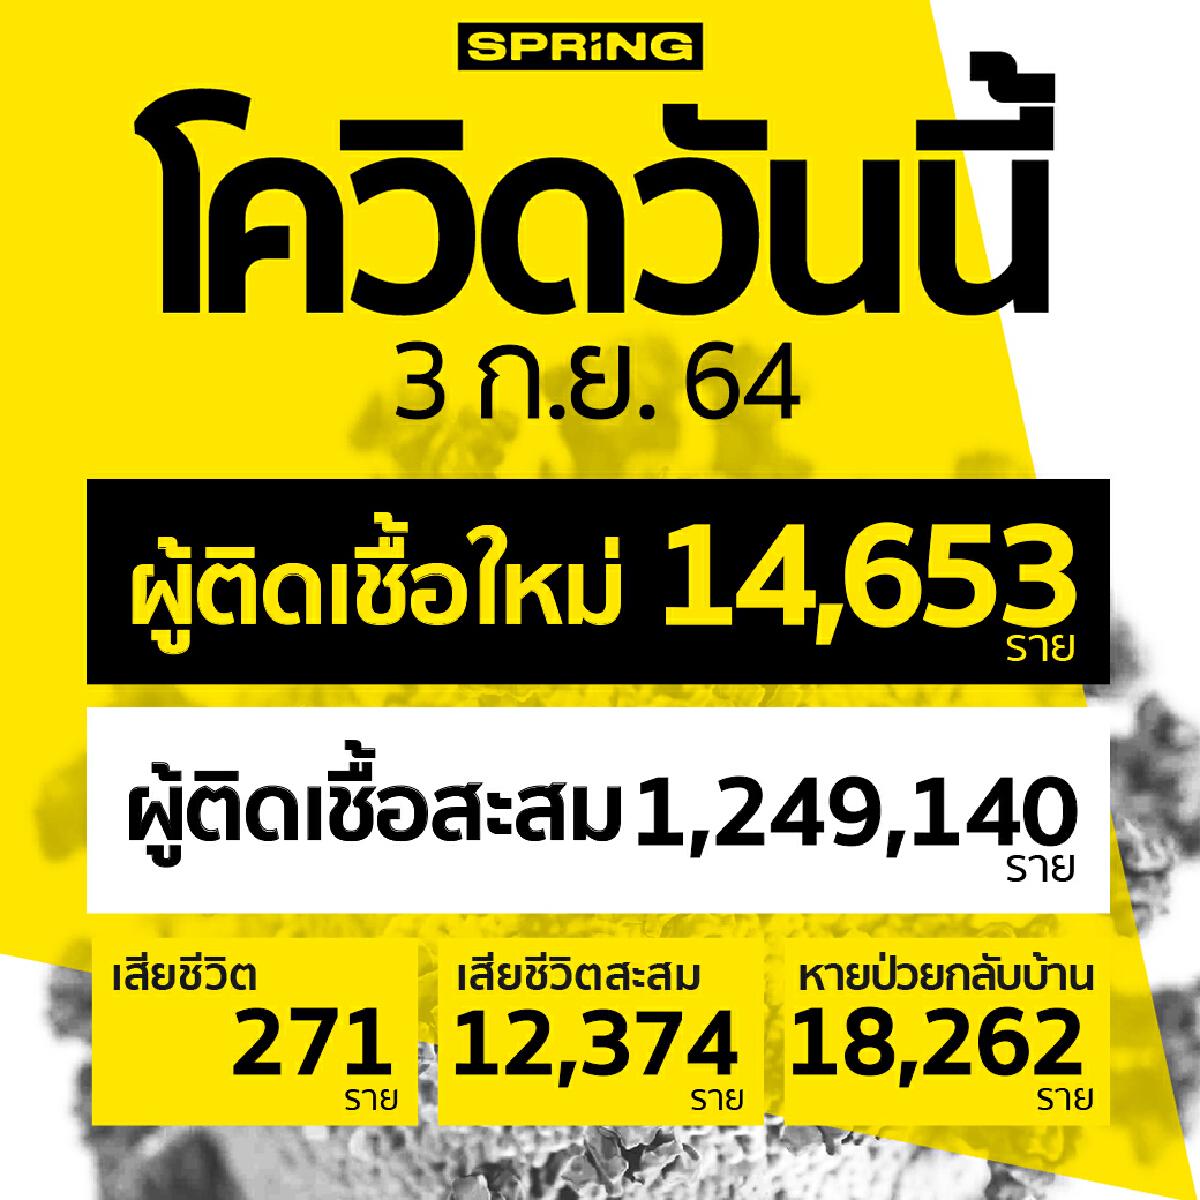 โควิดวันนี้ ติดเชื้อเพิ่ม 14,653 ราย สะสม 1,249,140 ราย เสียชีวิต 271 ราย